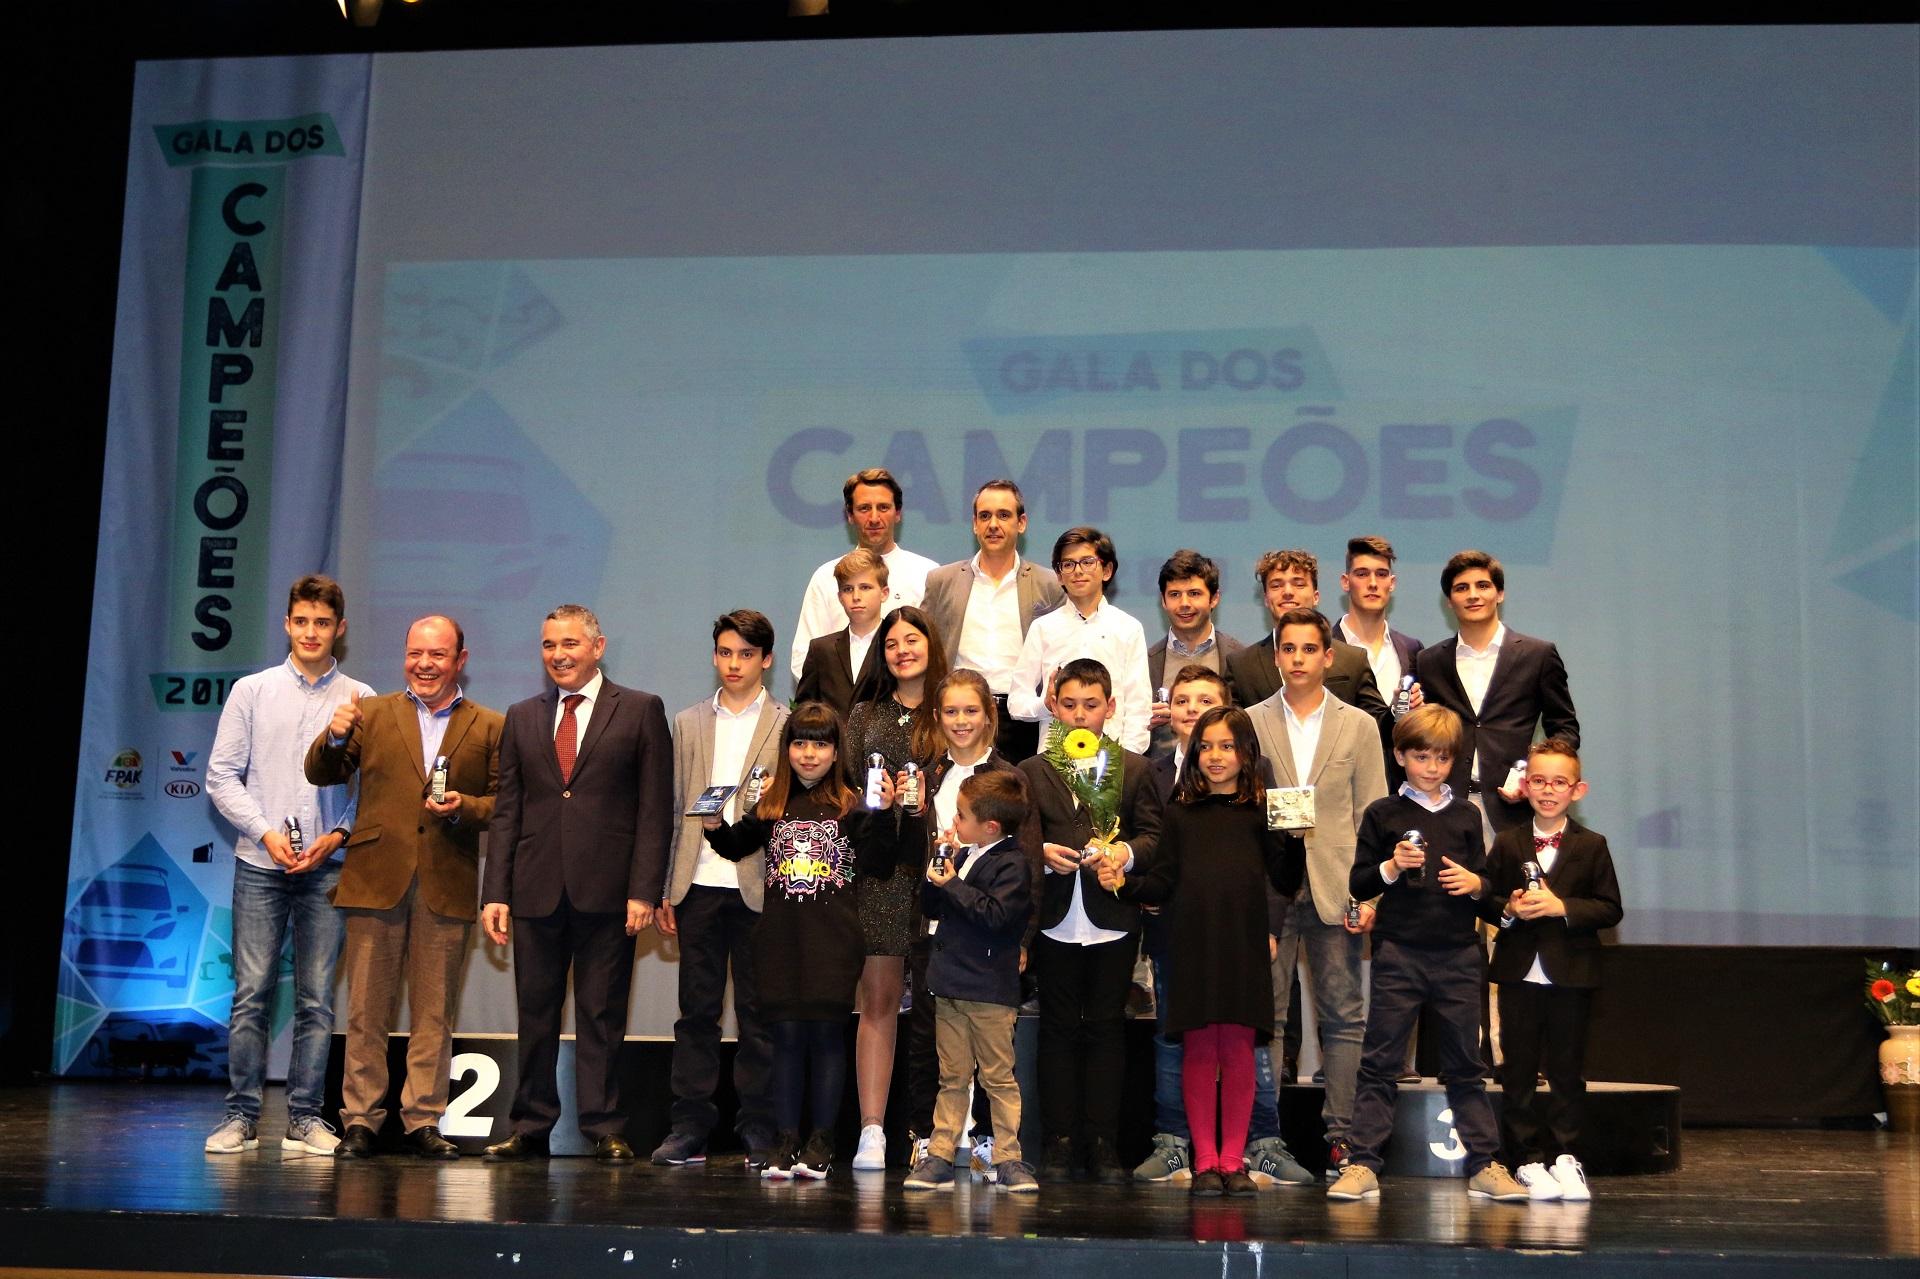 Campeões de Portugal de Karting 2019 foram premiados em Leiria